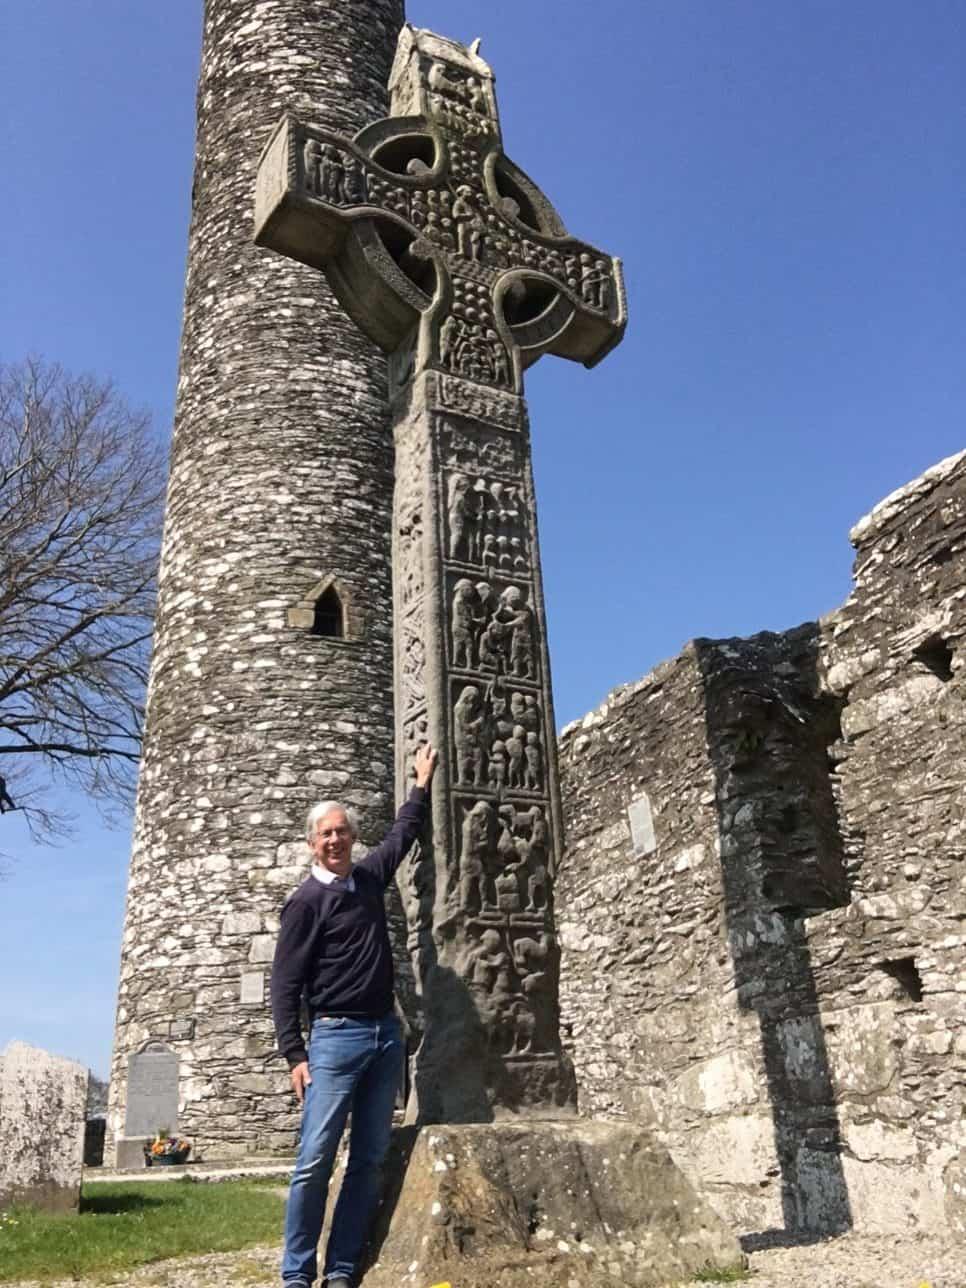 Celtic Cross of Monasterboice